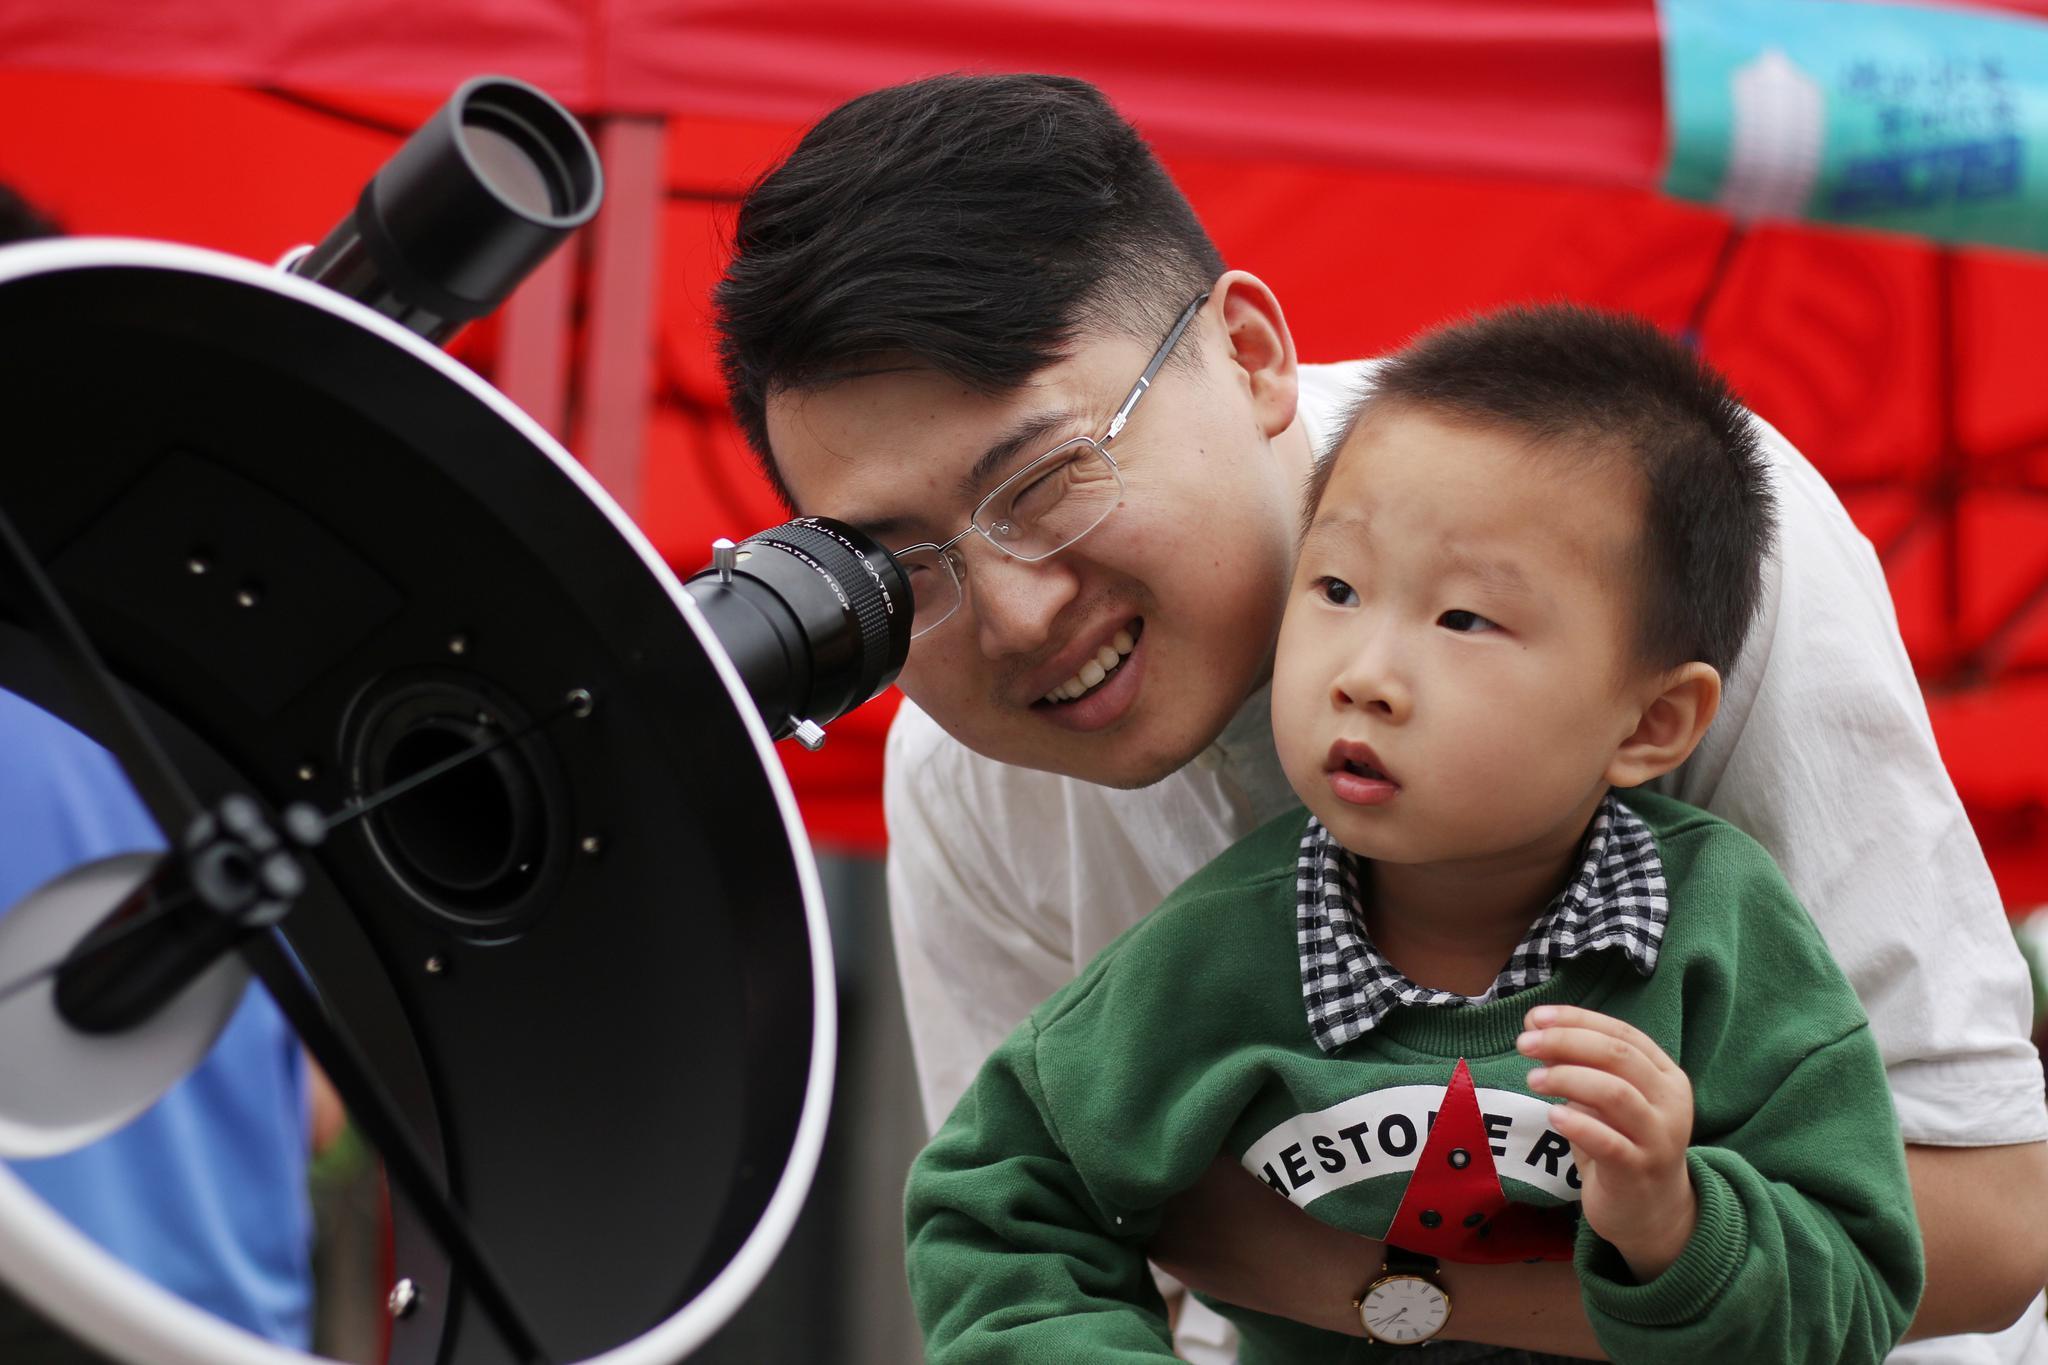 青年天体学会前,参观者通过十二寸道布森式望远镜看远处。摄影/新京报记者陈婉婷